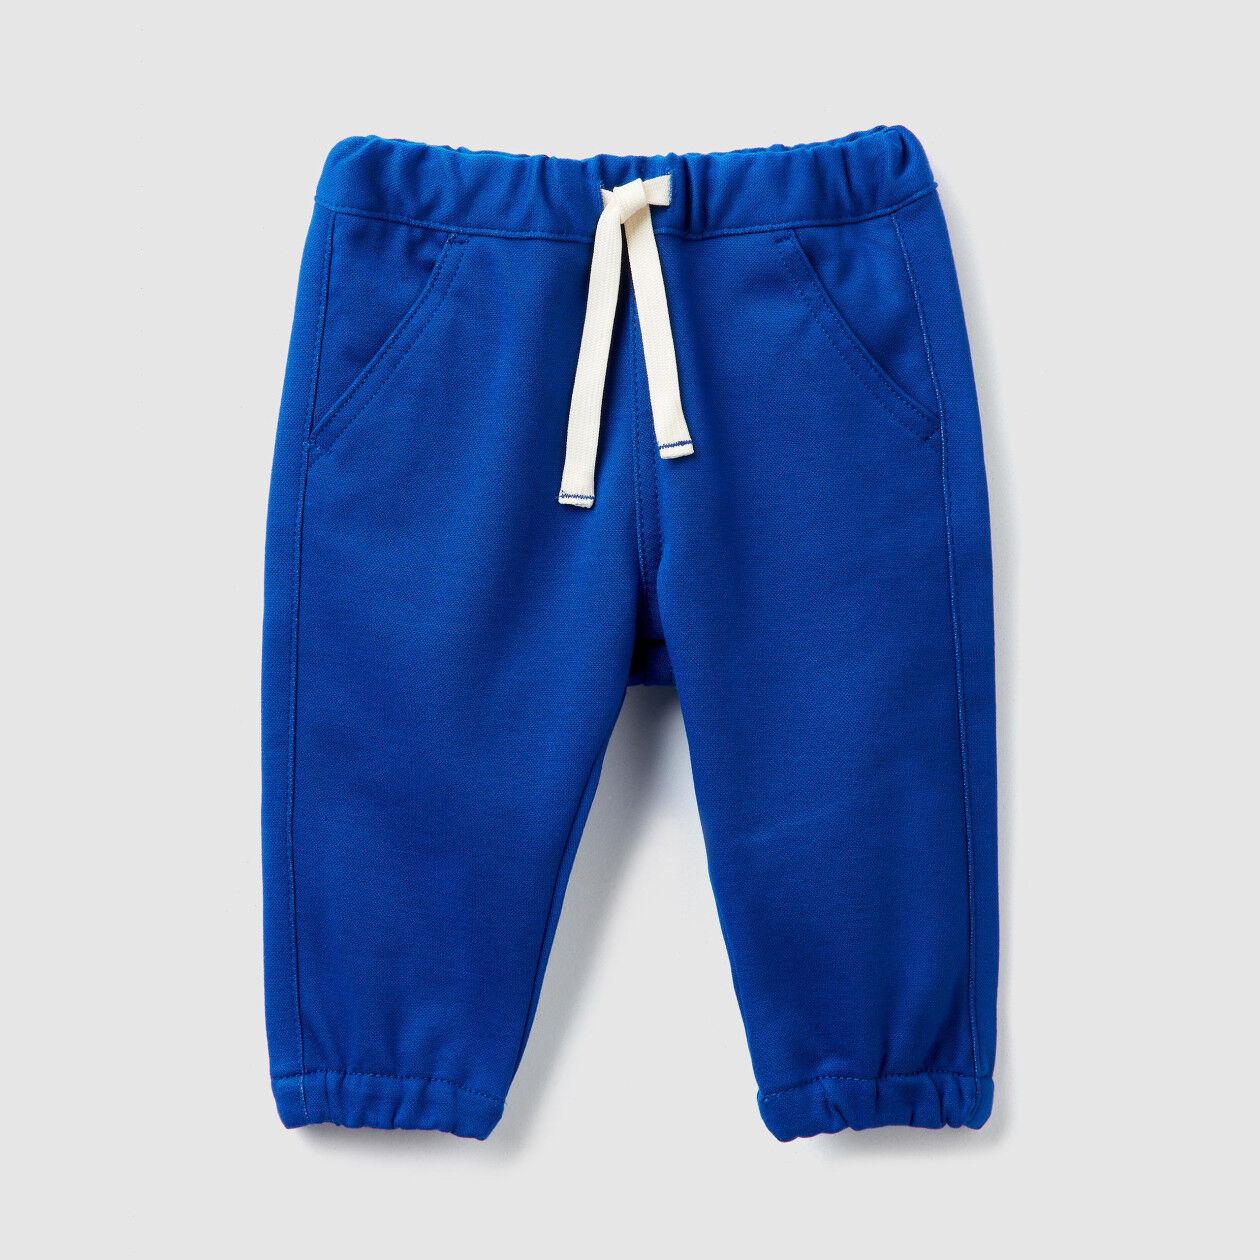 Pantalon stretch avec élastique